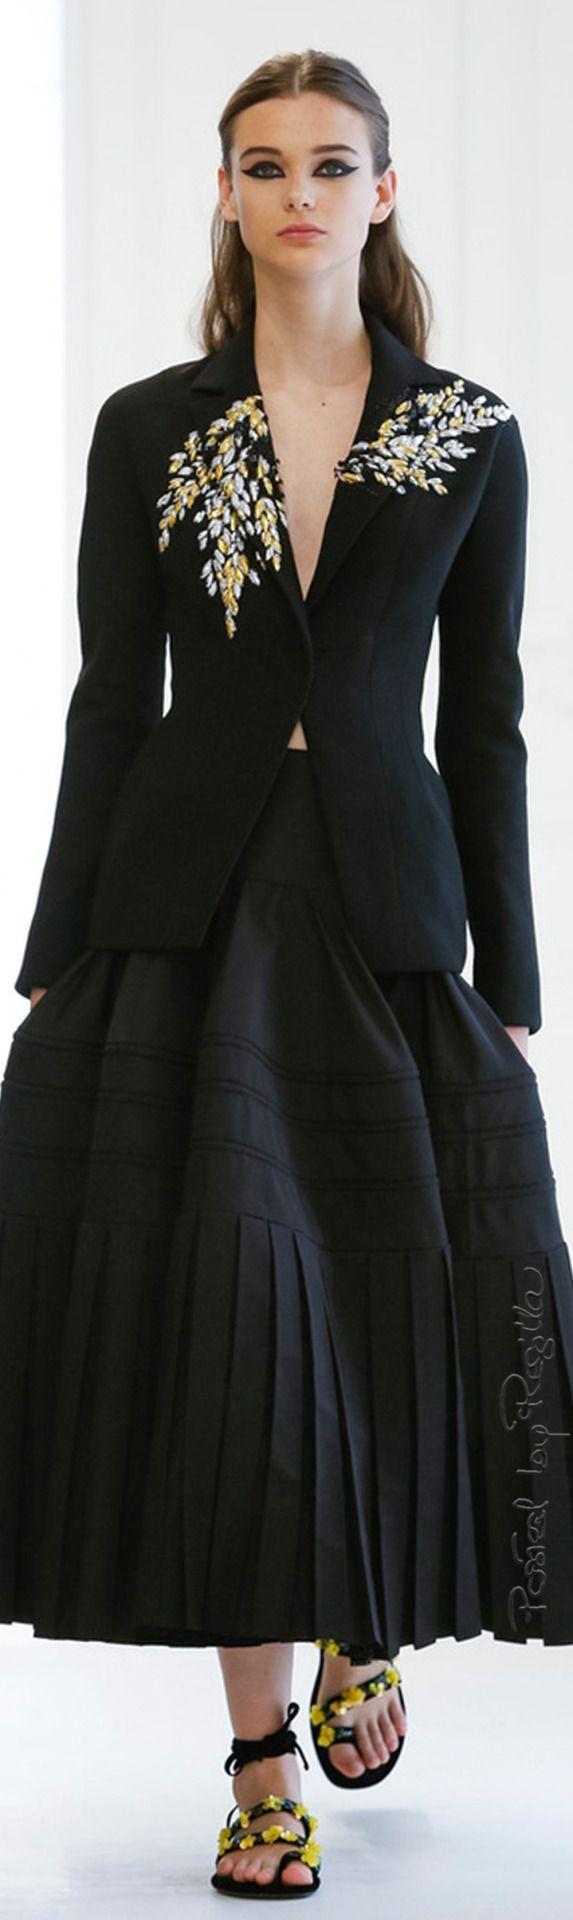 Regilla ⚜ Christian Dior Couture Fall/Winter 2017